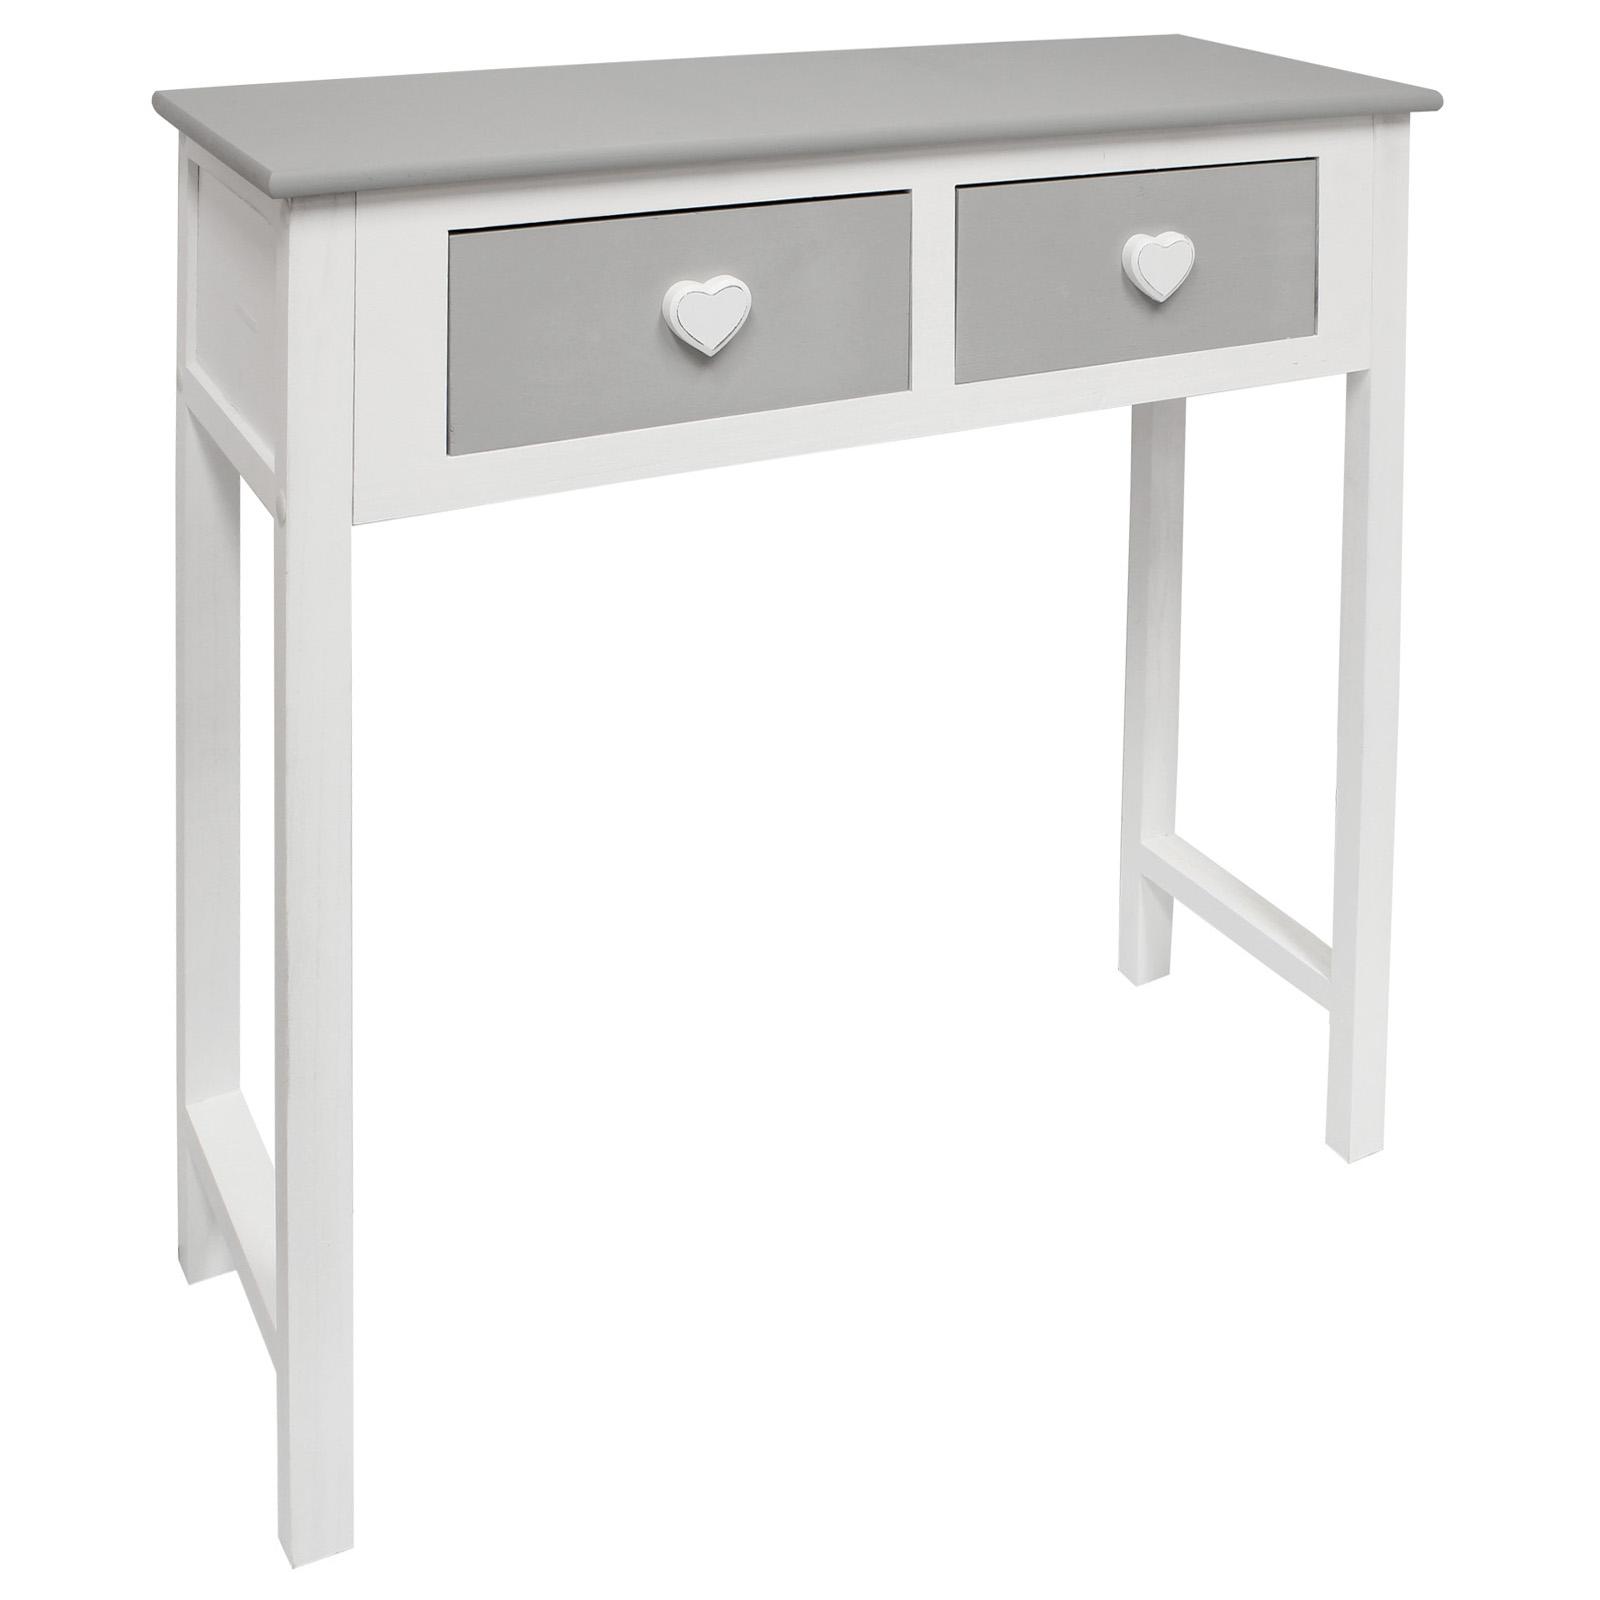 Details Sur Hartleys Table Console Coiffeuse Bureau Chambre Coeur Blanc Gris Chambre Fille